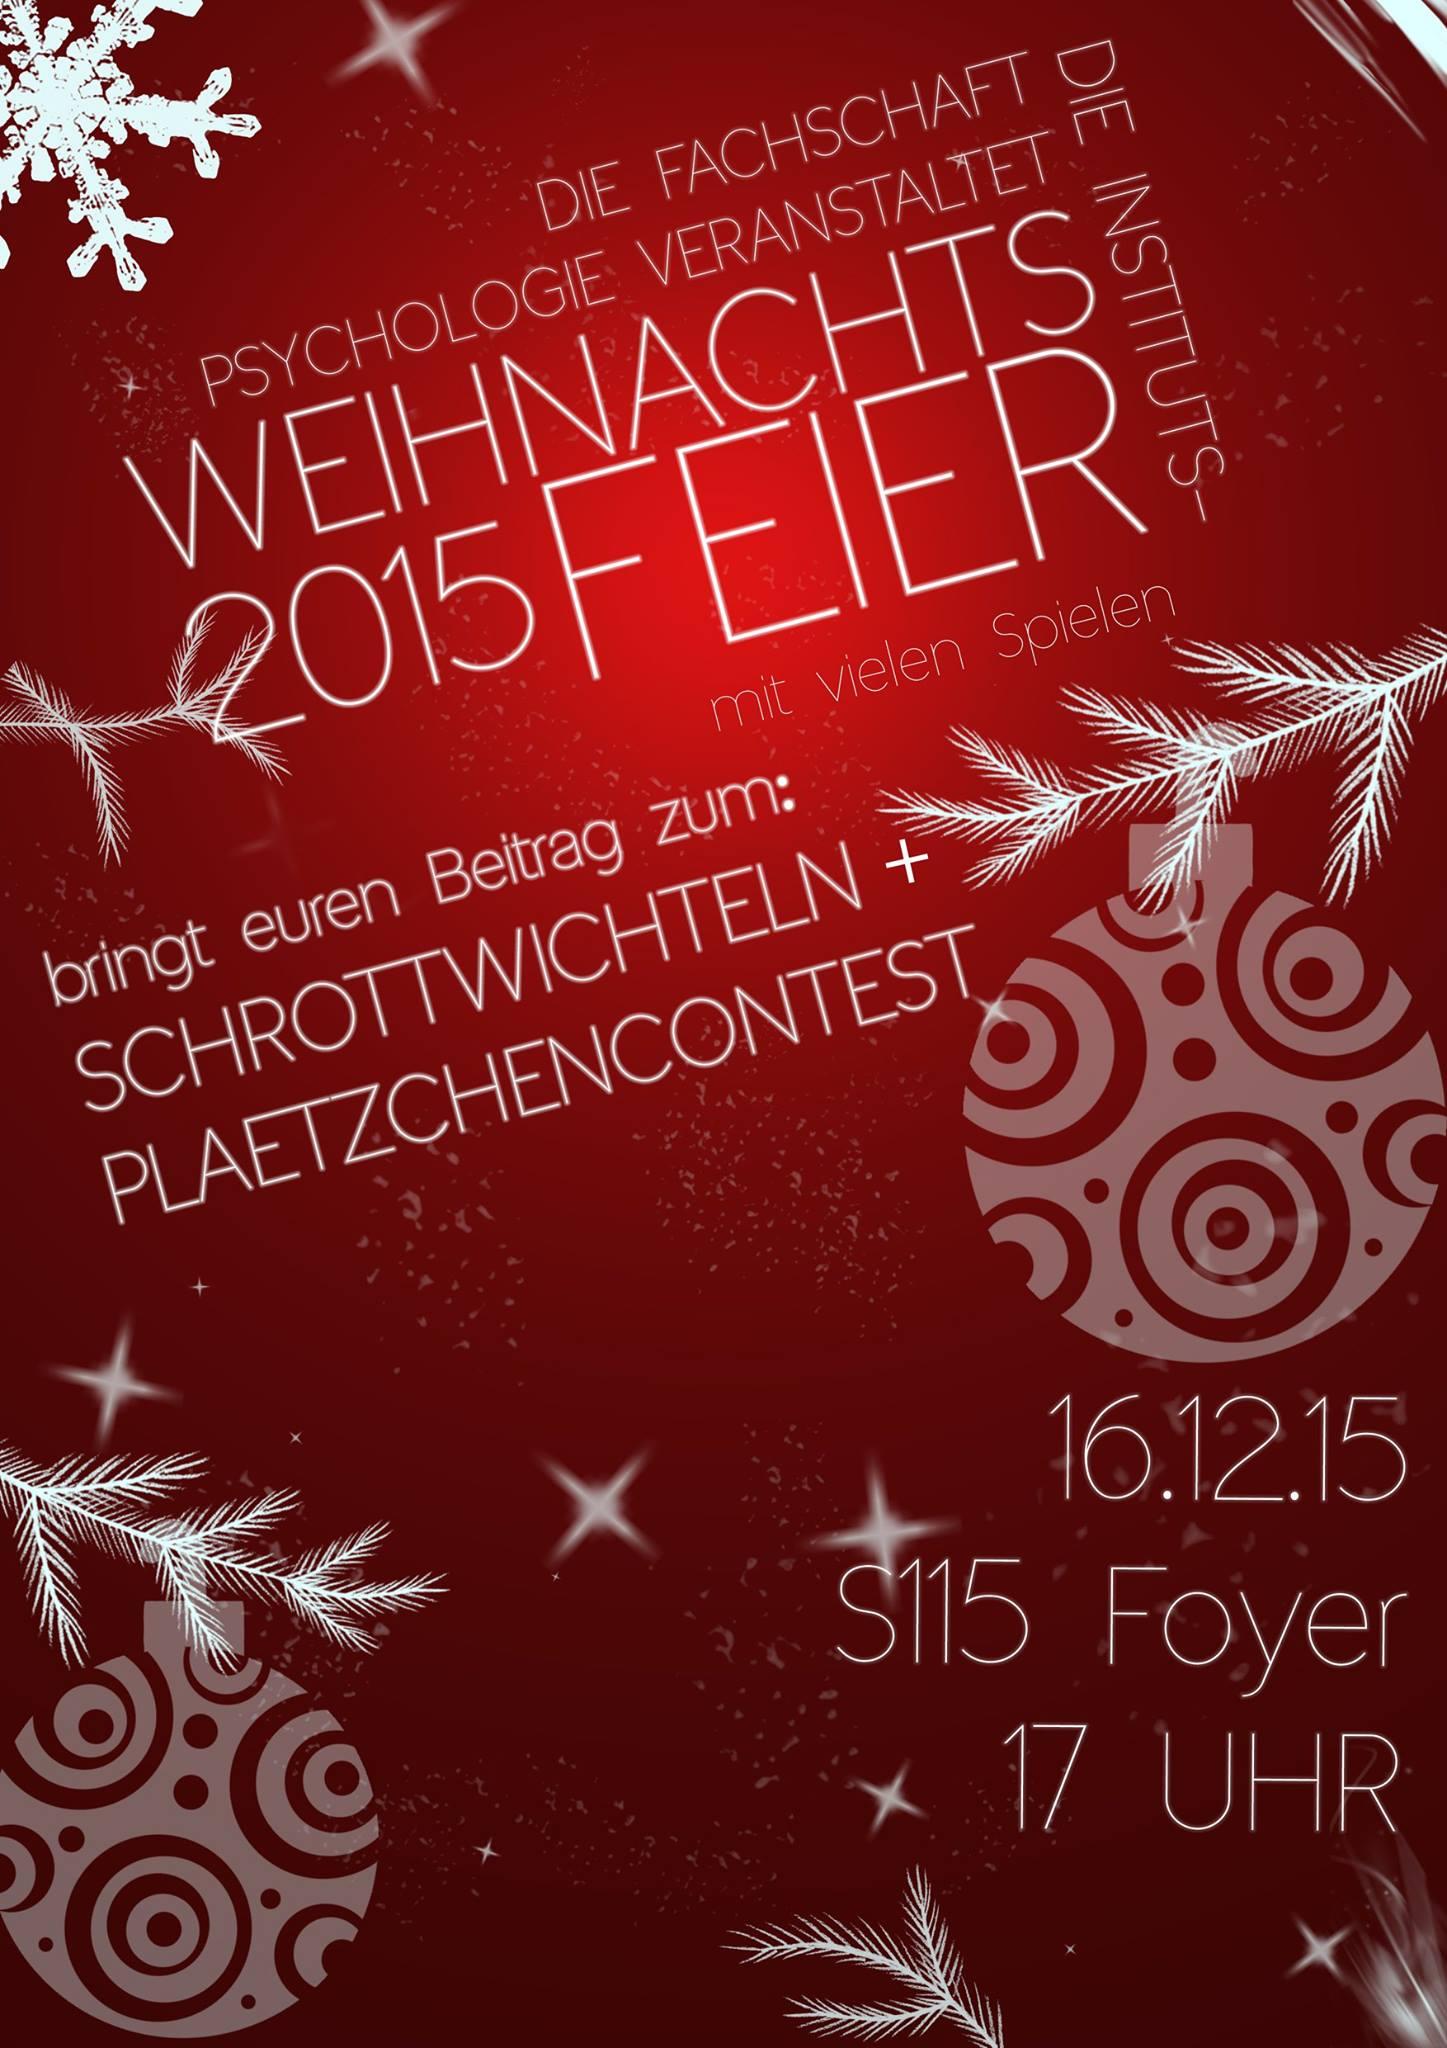 Instituts-Weihnachtsfeier 2015